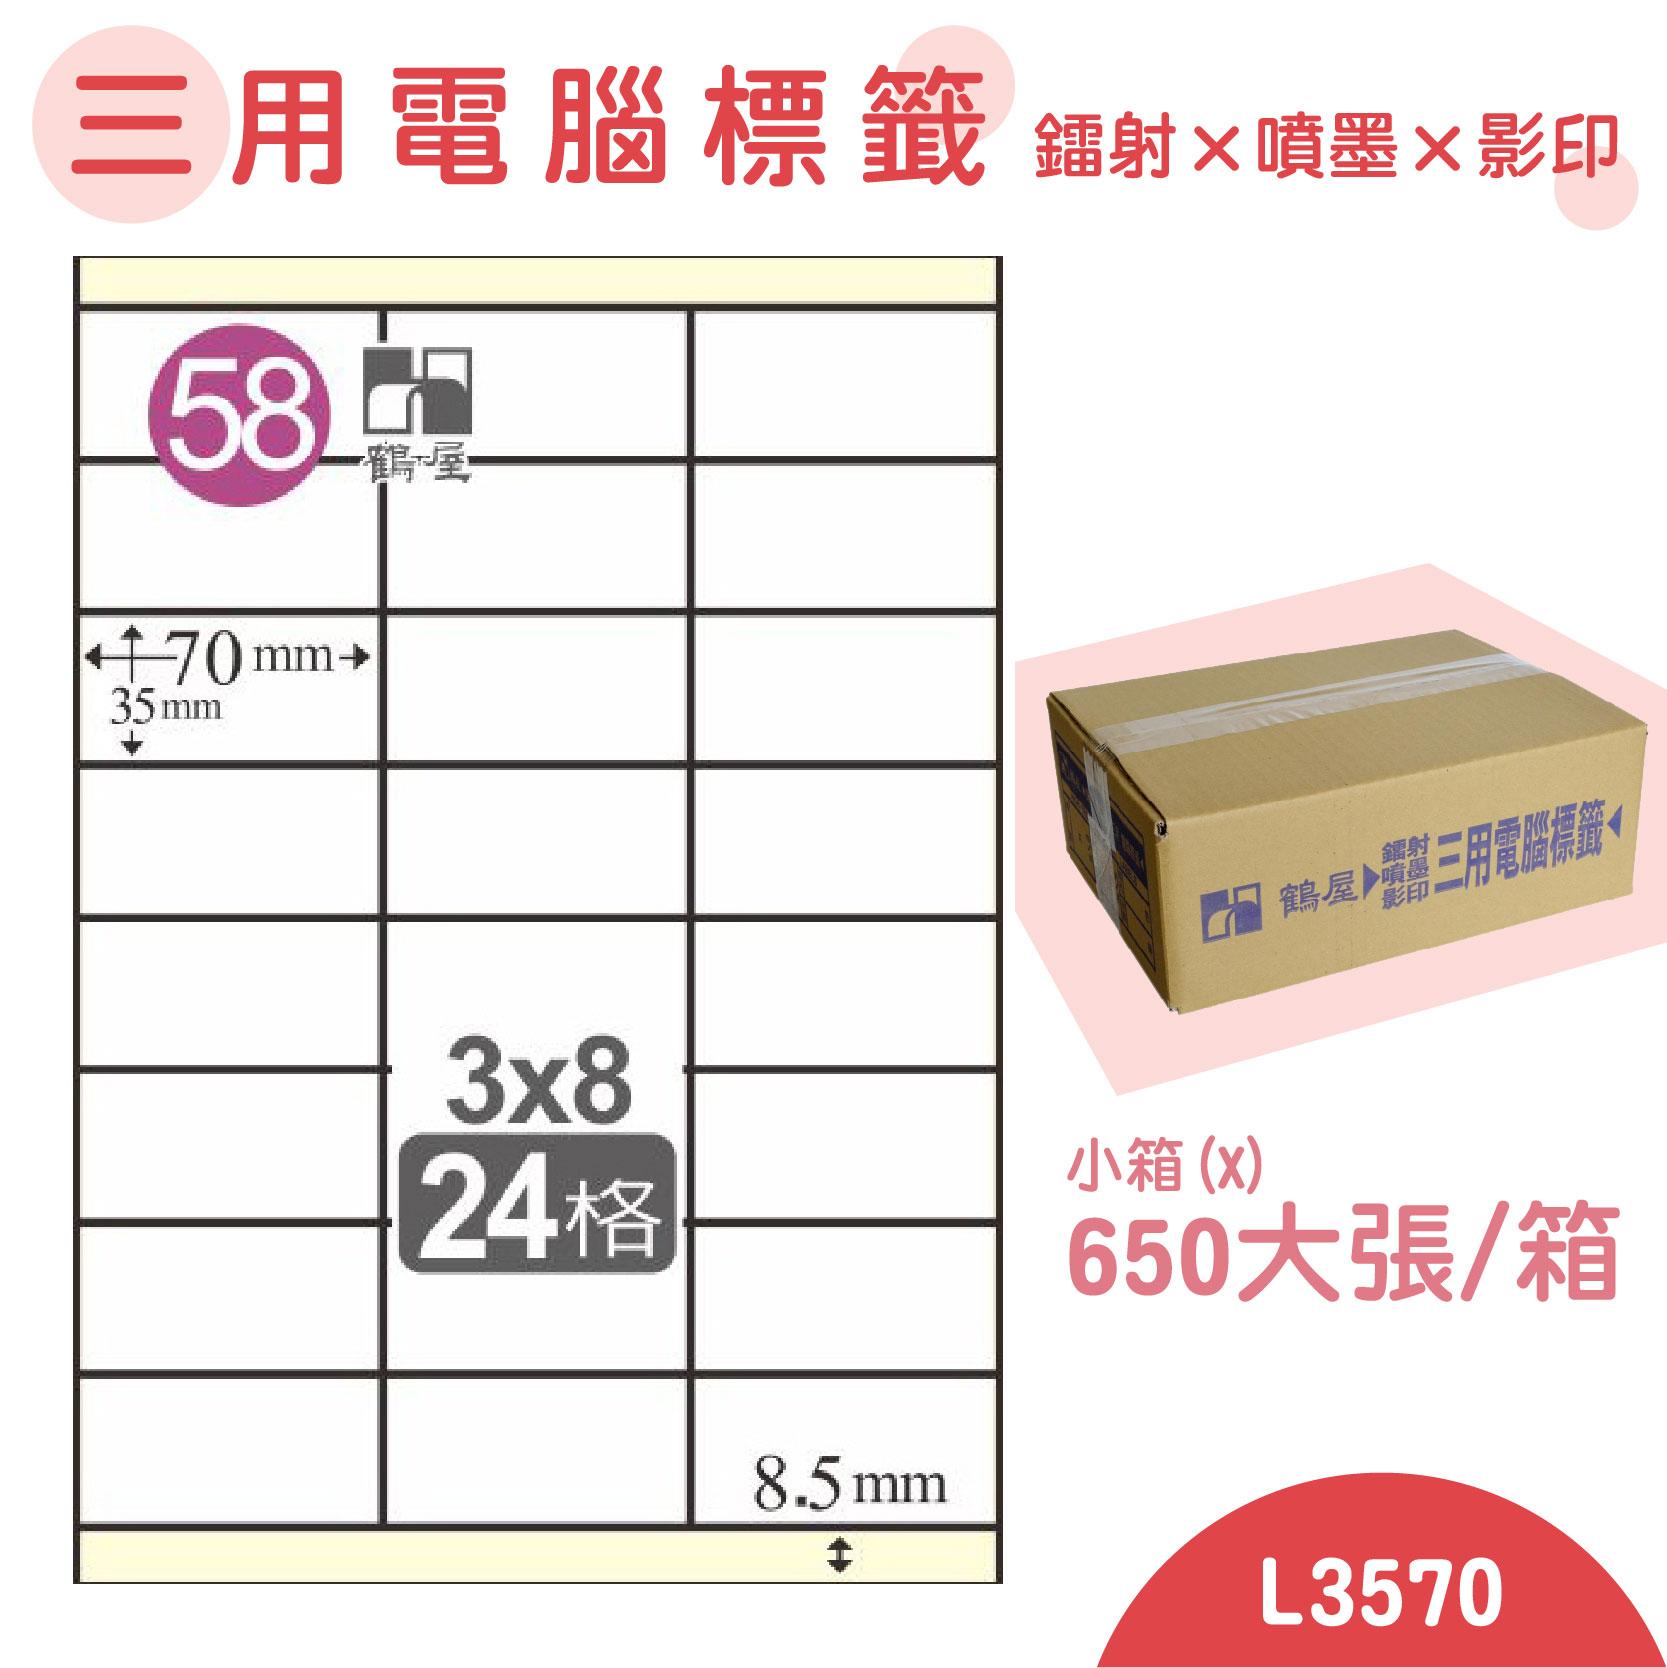 電腦標籤紙(鶴屋) 白色 L3570 24格 650大張/小箱 影印 雷射 噴墨 三用 標籤 貼紙 信封 光碟 名條